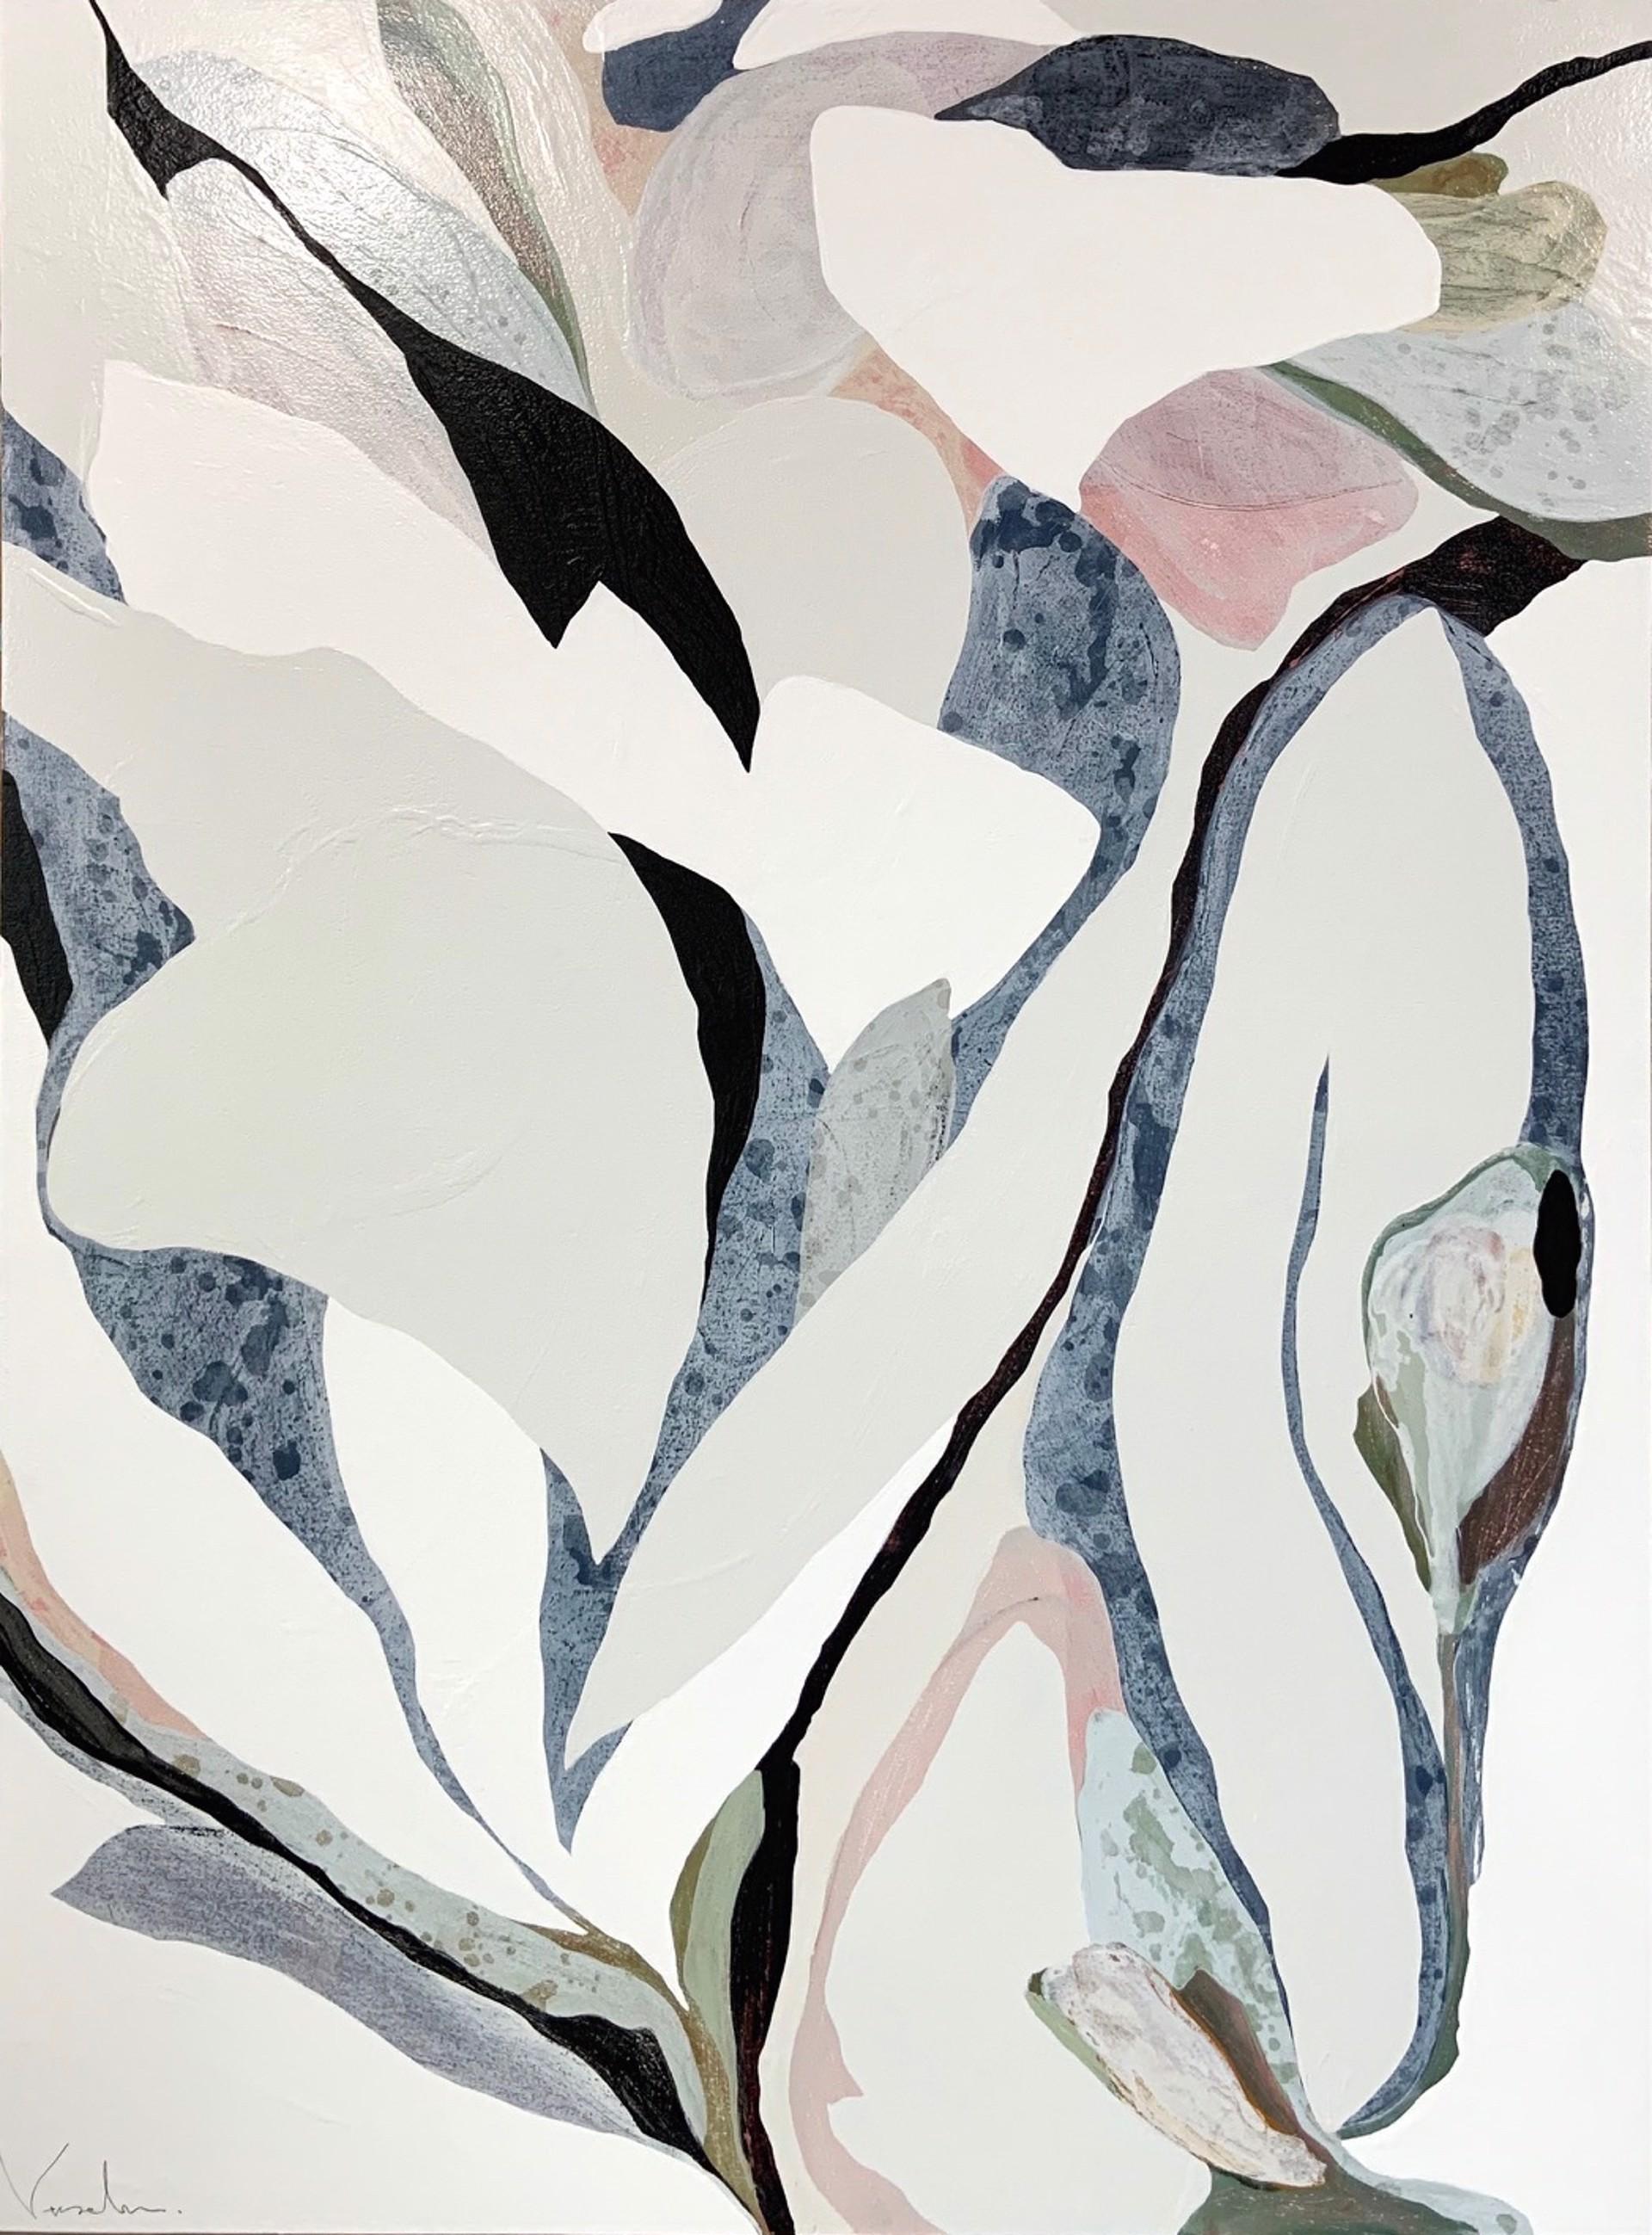 Still Reflect 1 by Vesela Baker